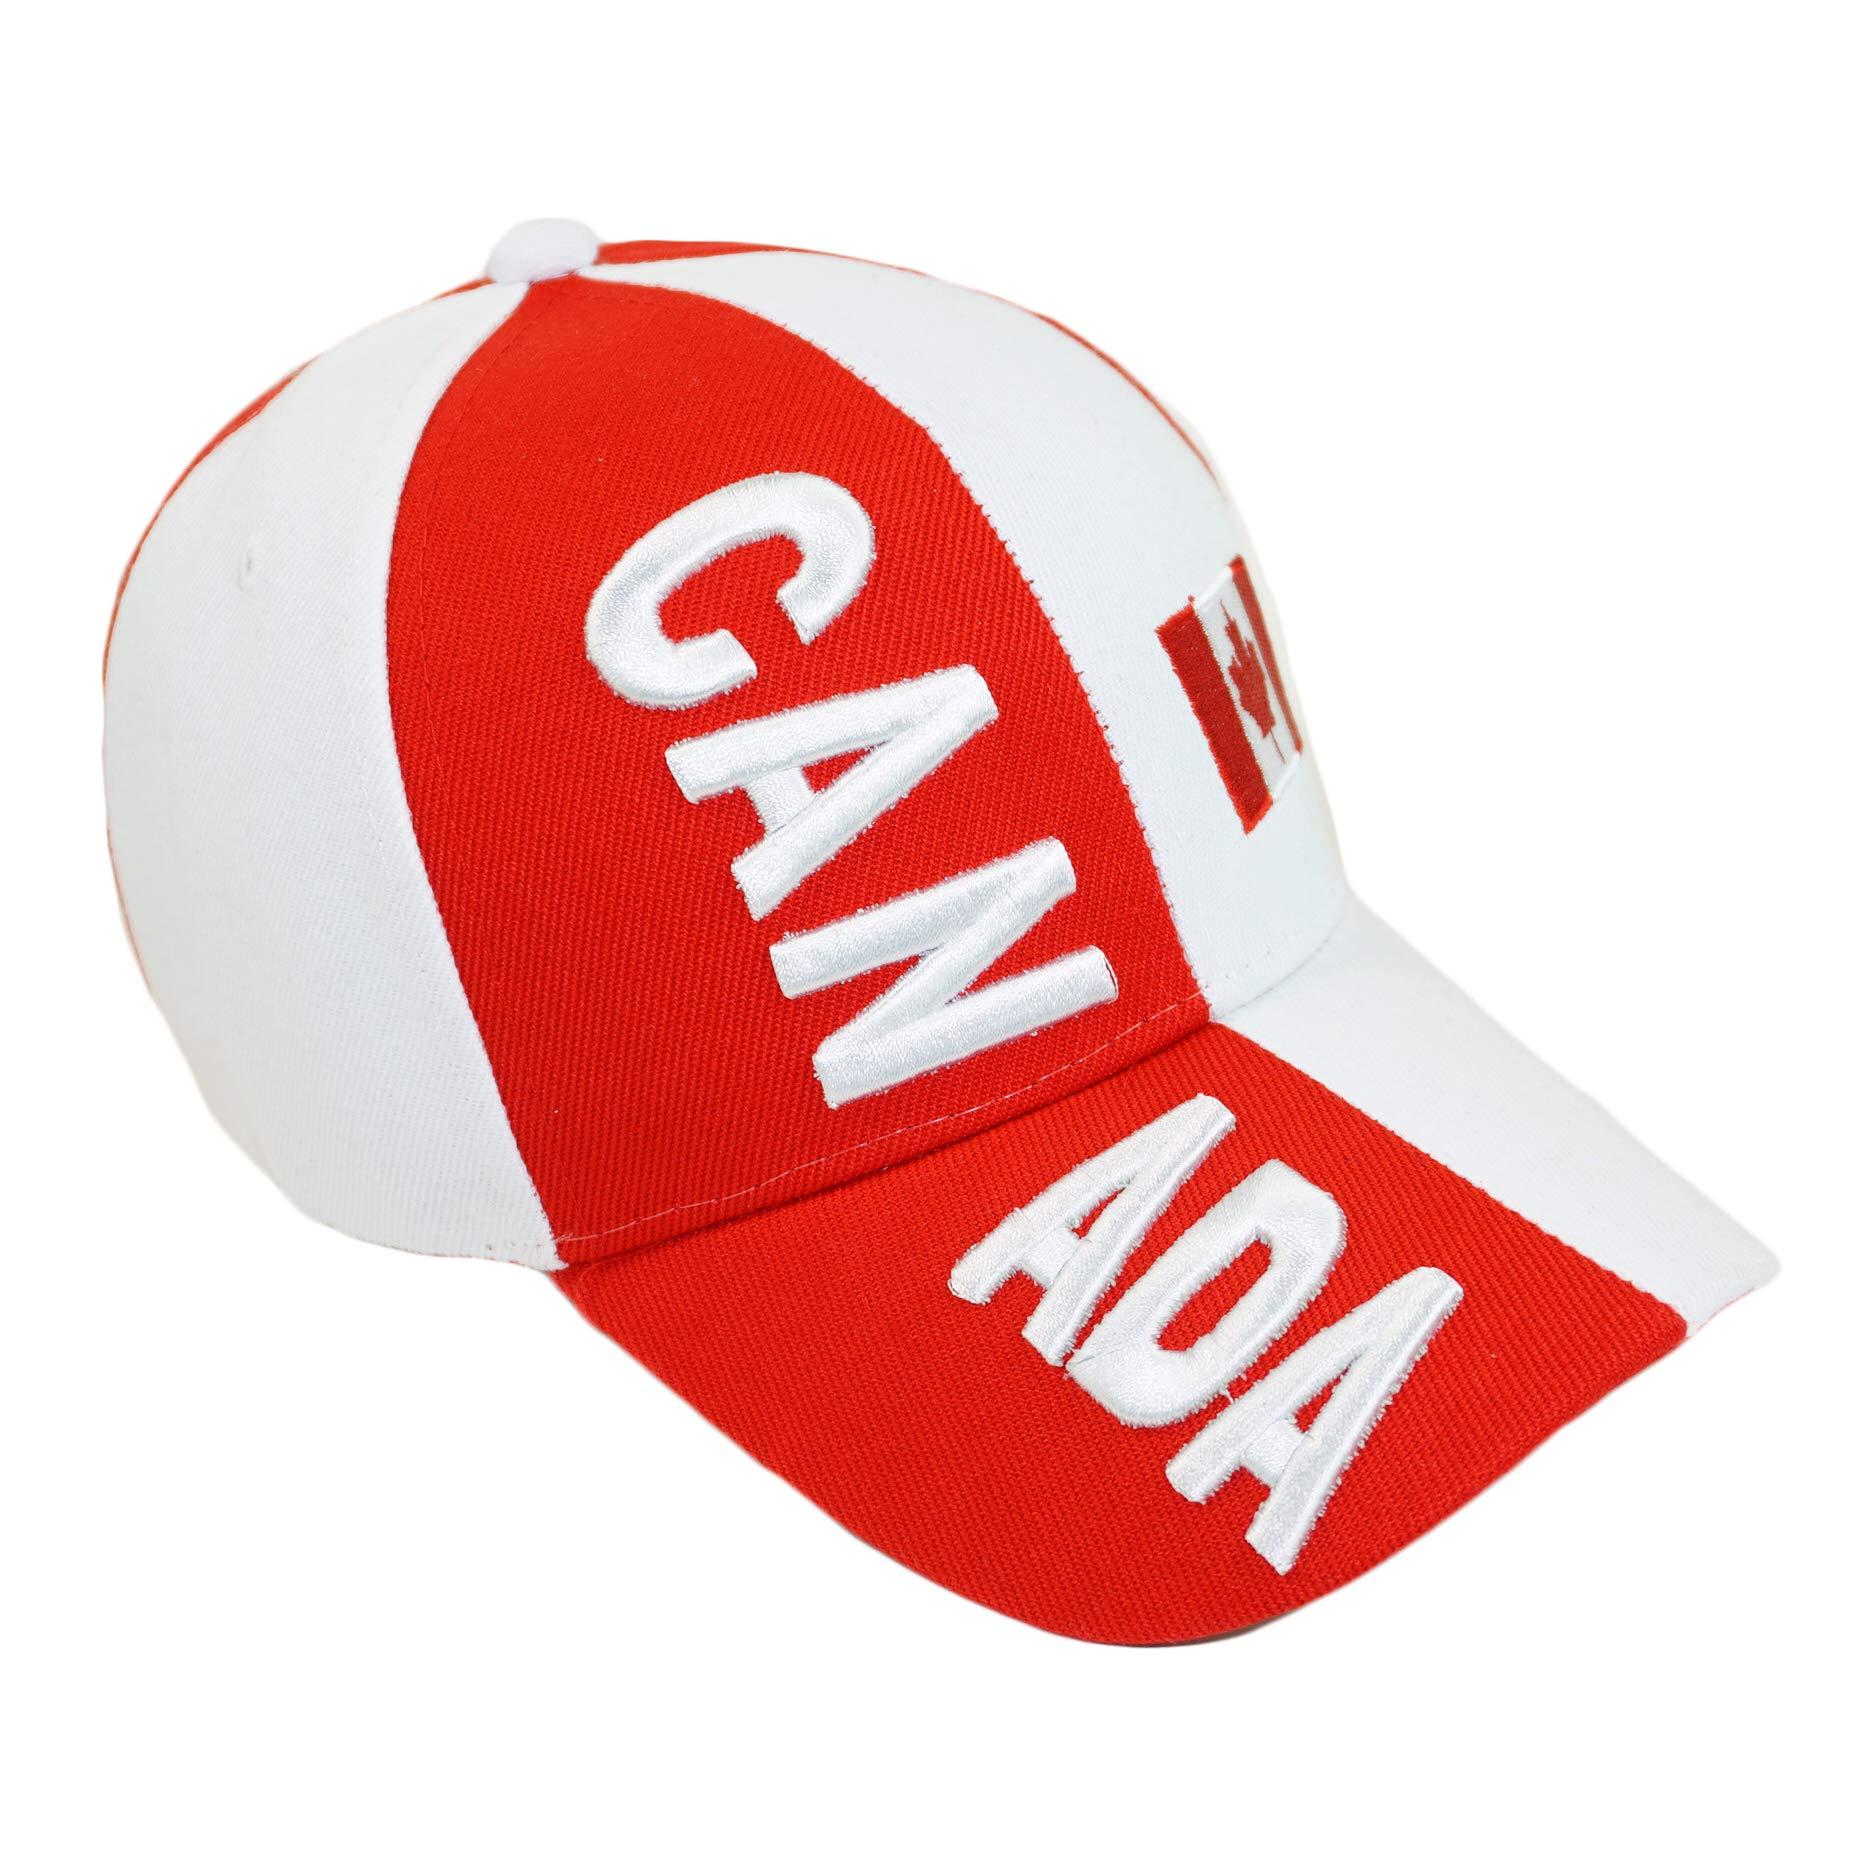 Men Women Adjustable Flat Brim Baseball Cap Hip Hop Cap Hat RUN/_RUNNING/& Girls,Girls,Girls